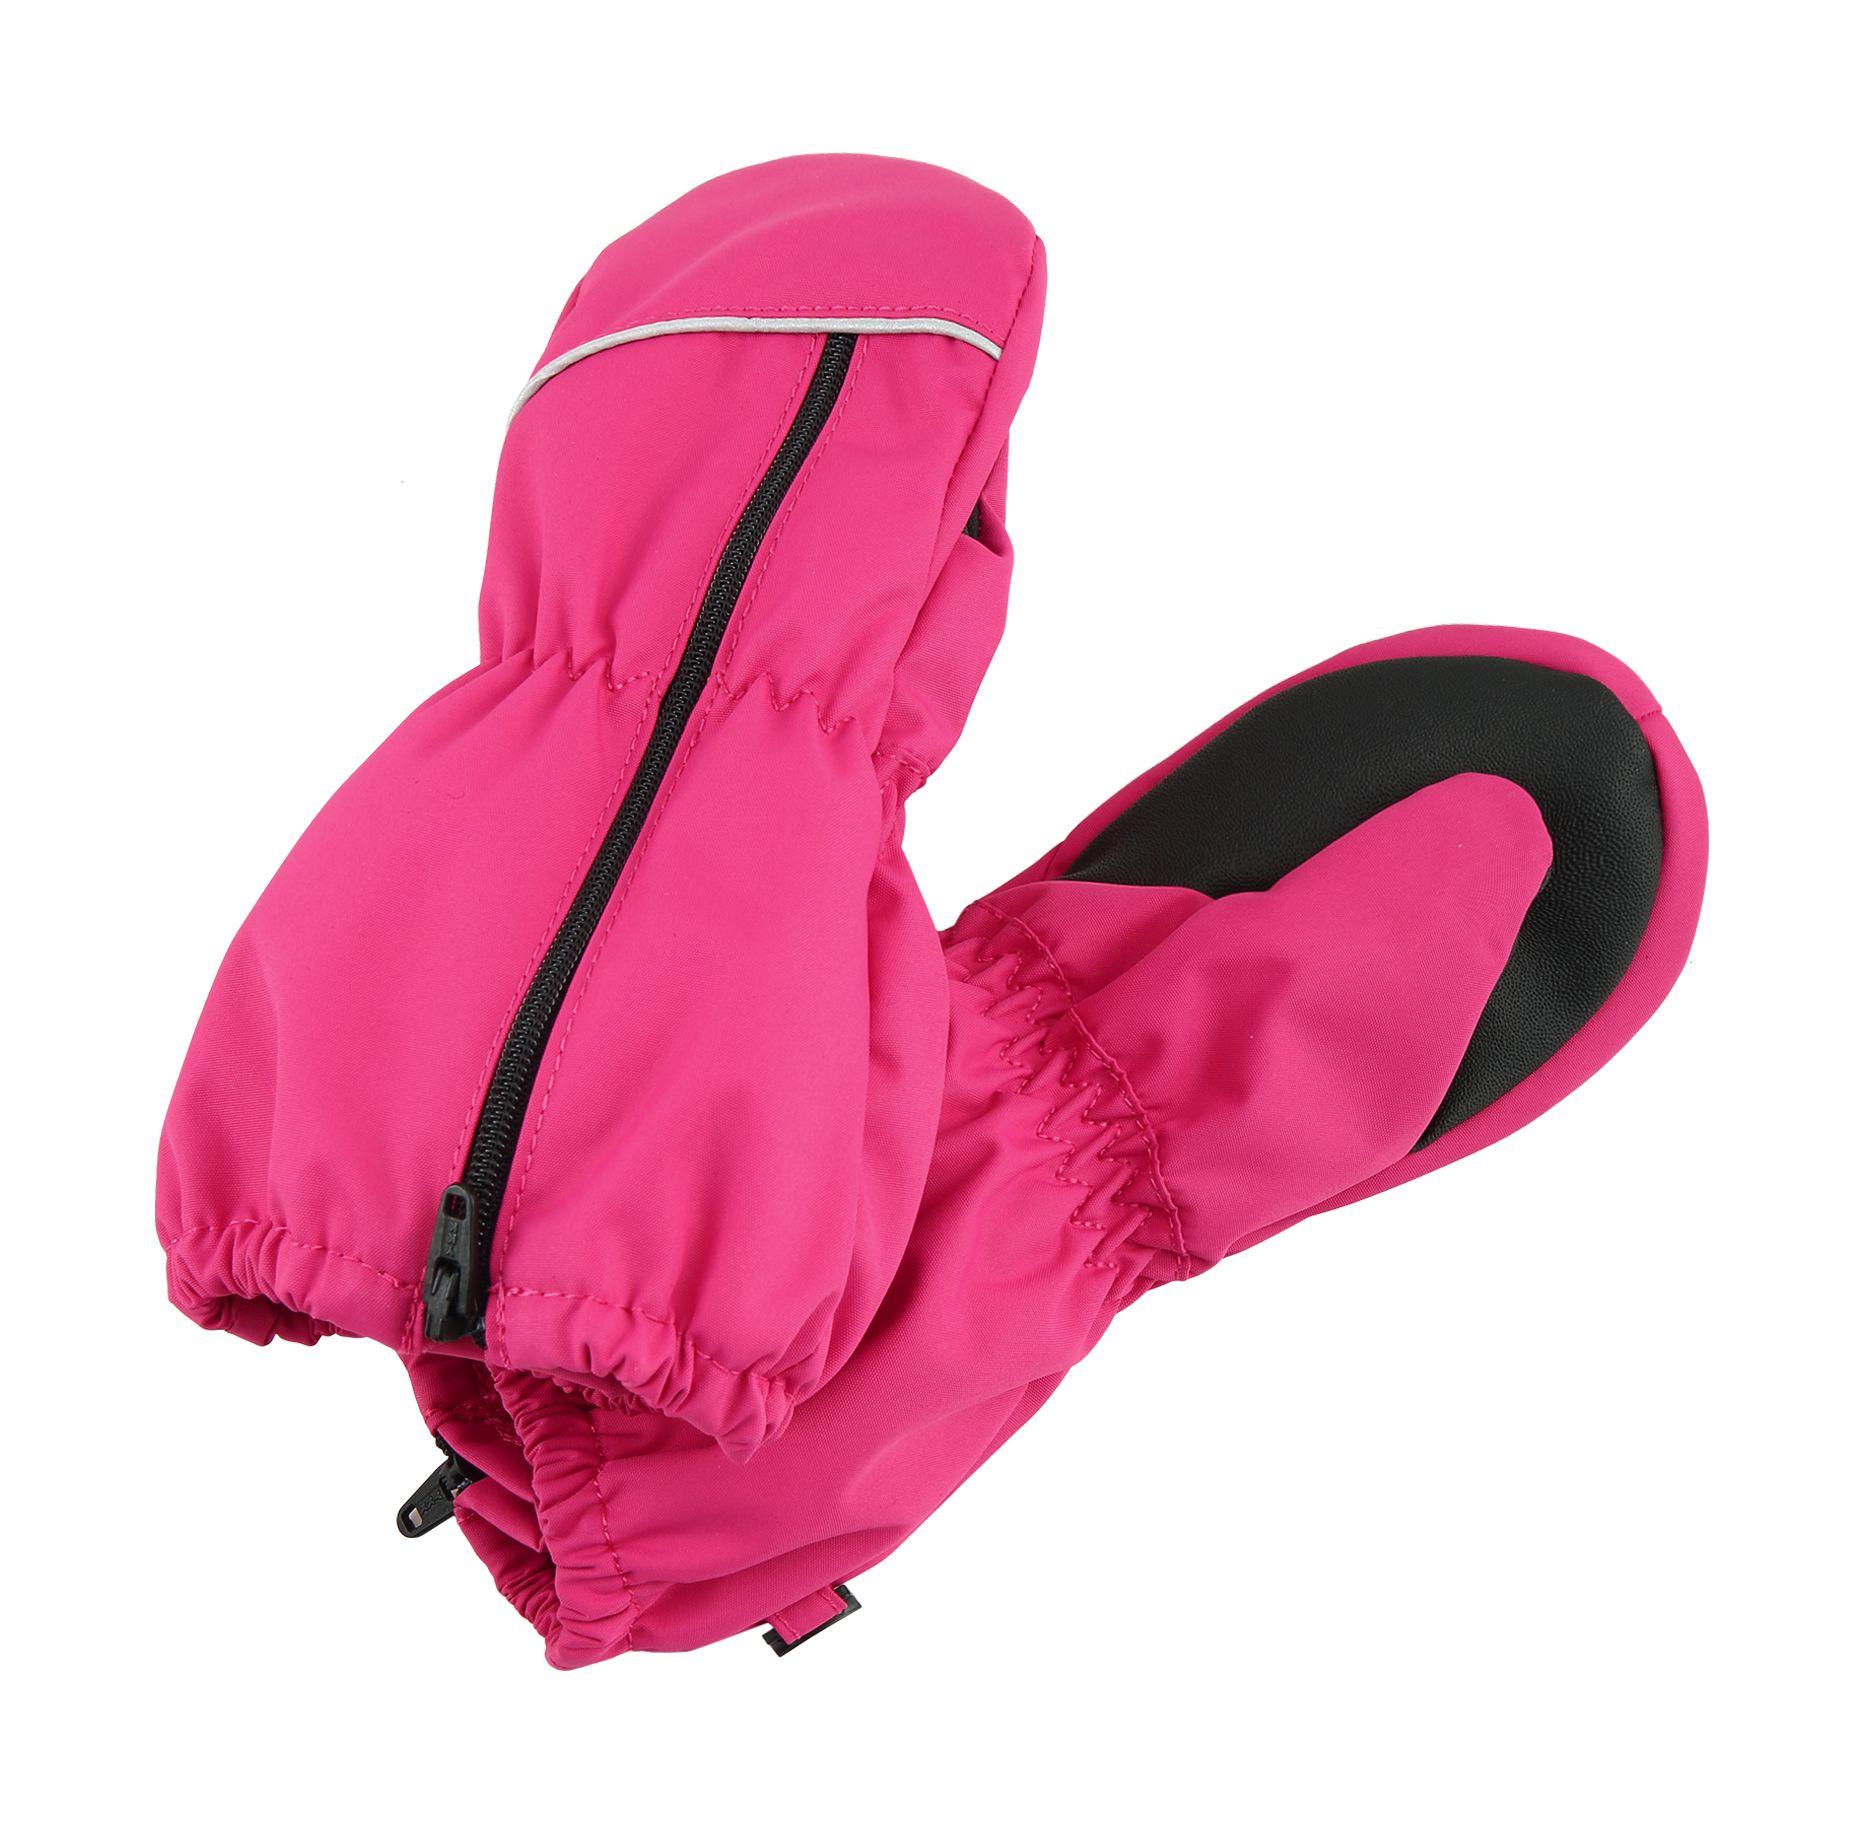 REIMA Litava Raspberry Pink 1